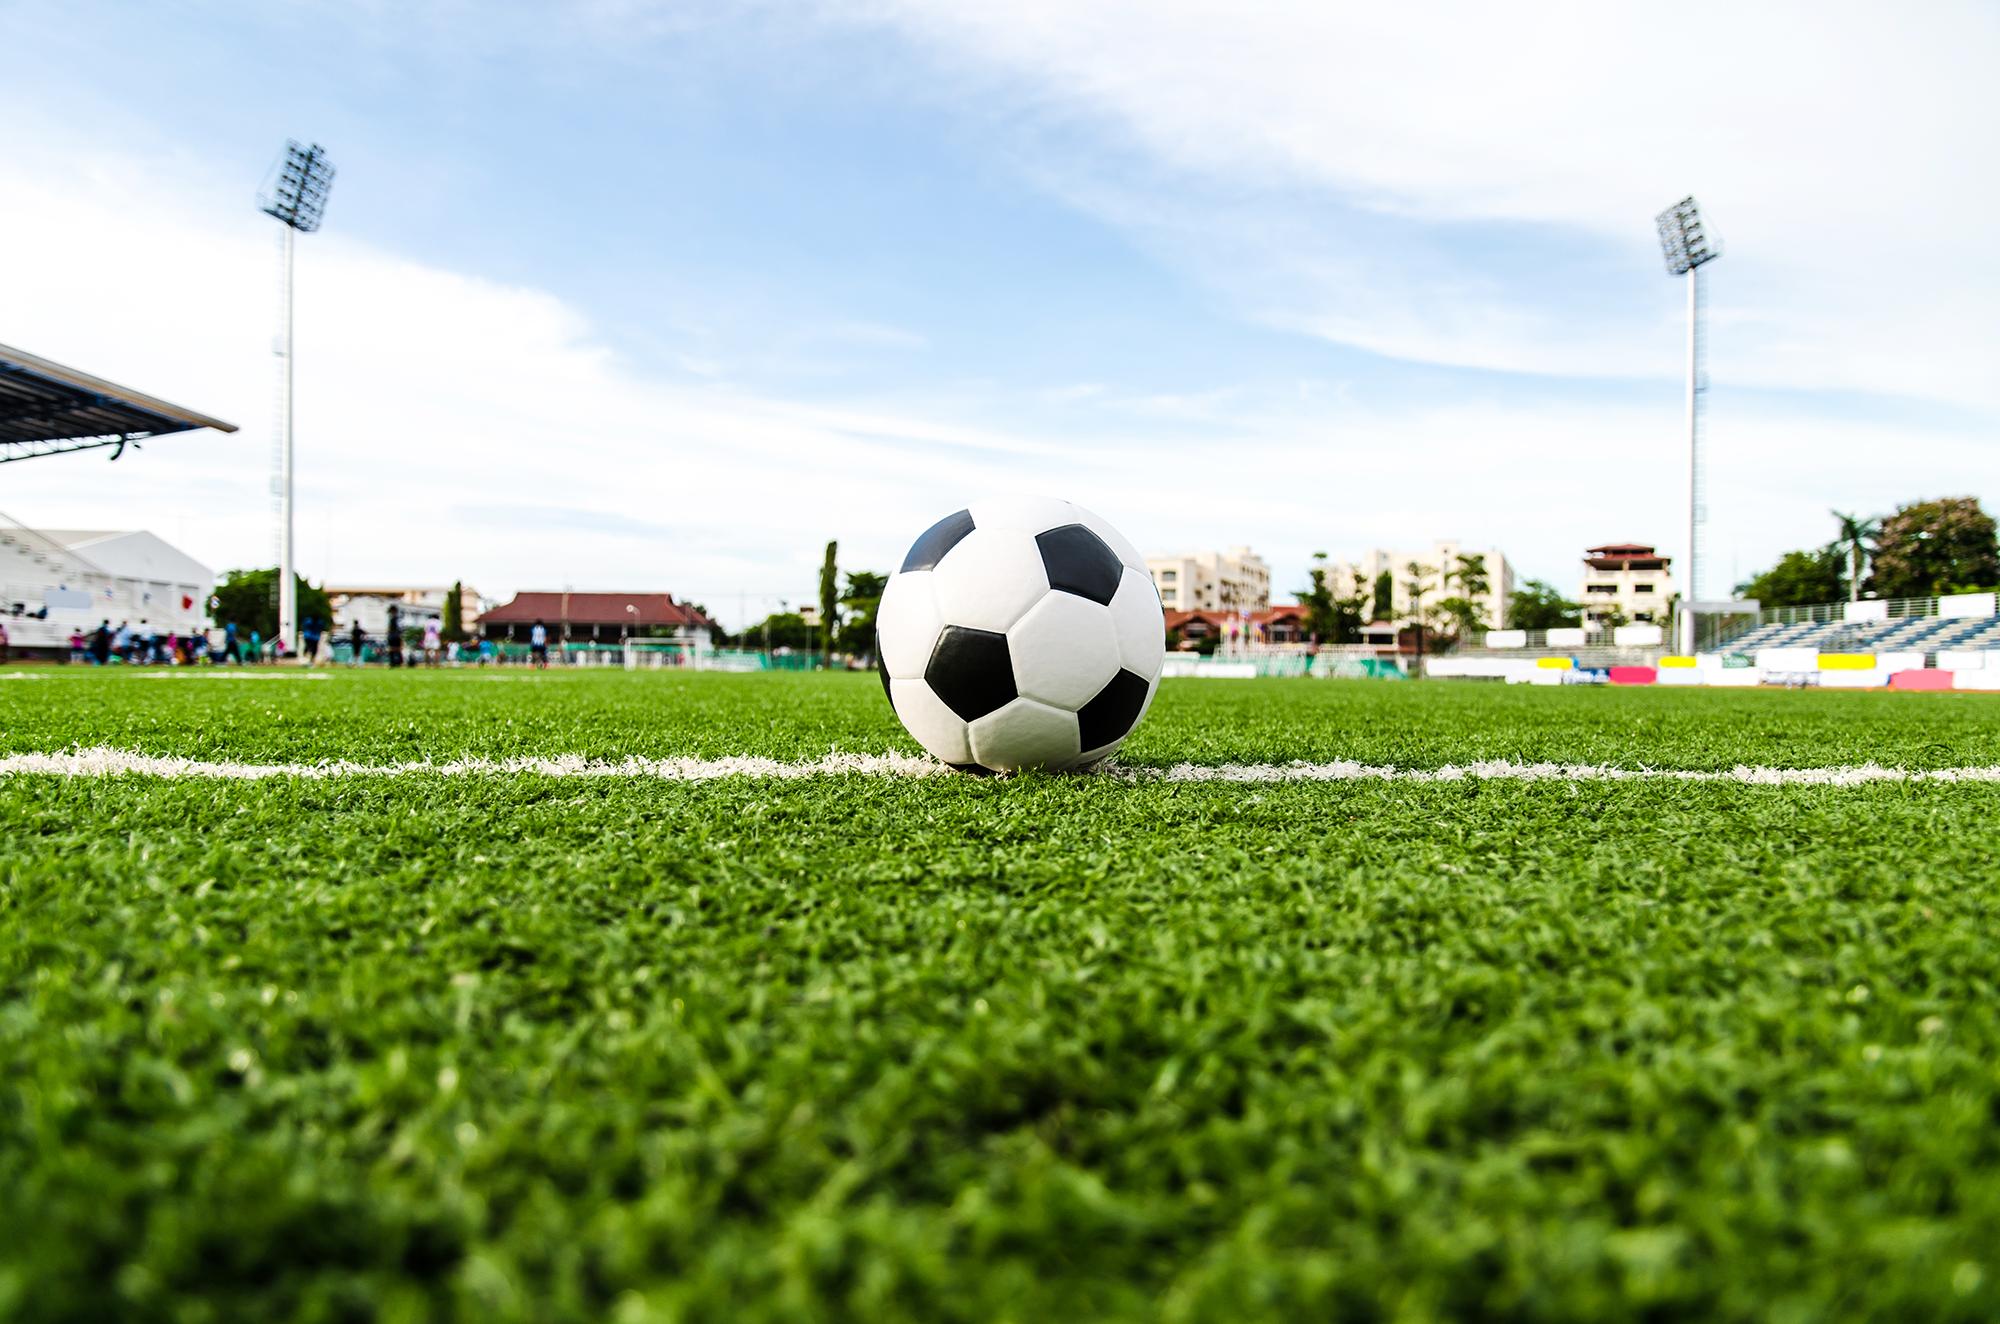 Voetbalveldverlichting LED - Datronics